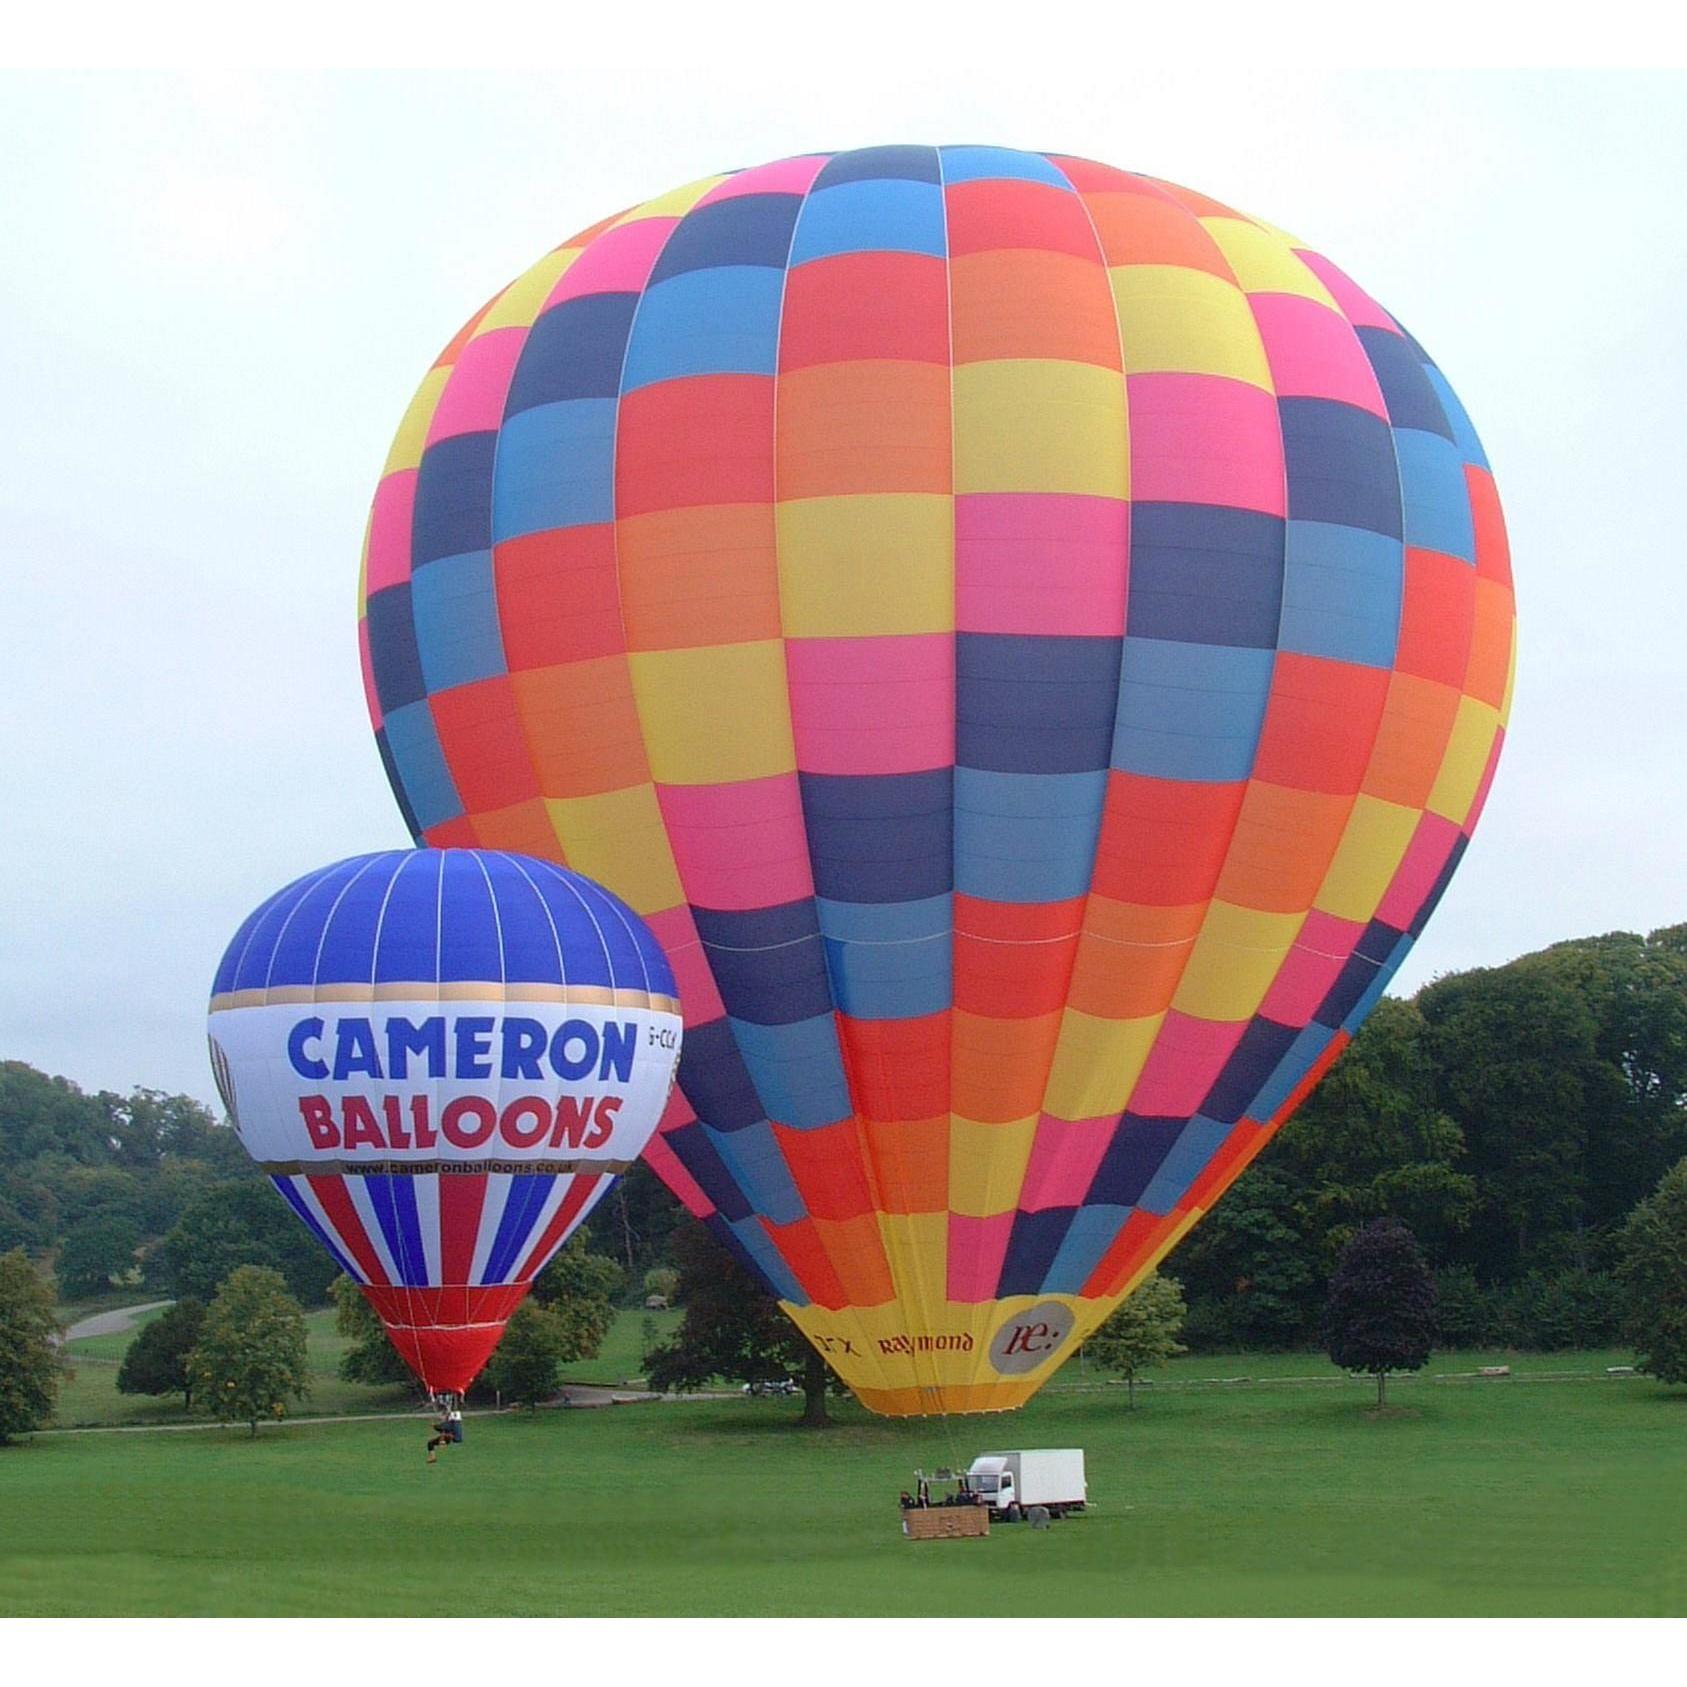 Cameron Balloons - Dexter, MI 48130 - (734)426-5525 | ShowMeLocal.com